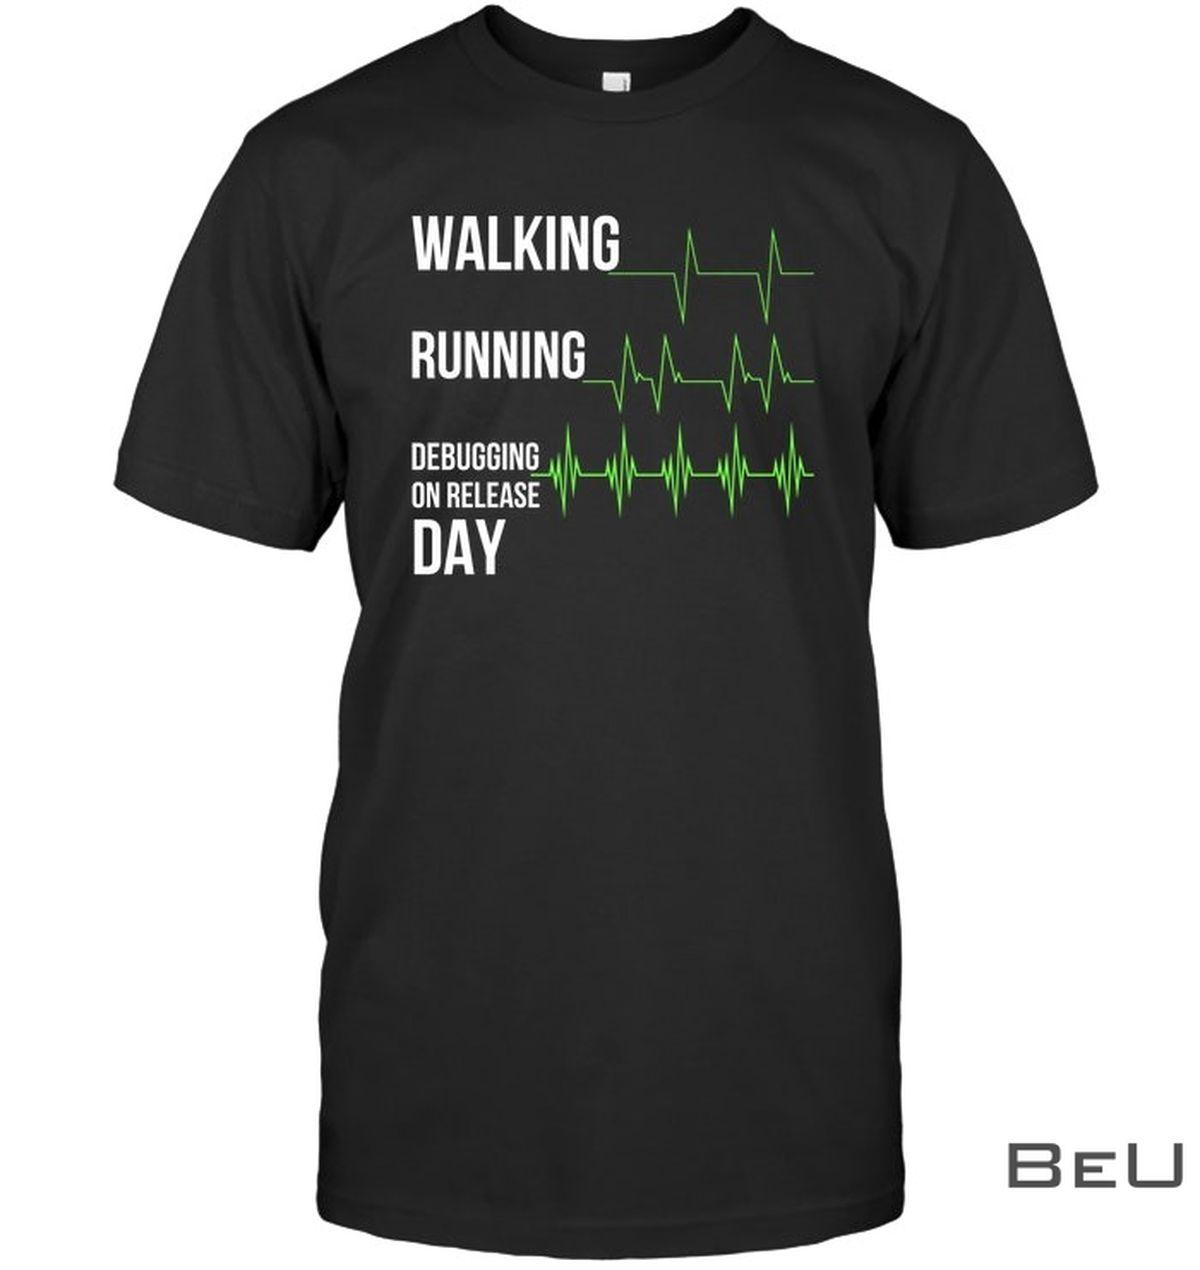 Walking Running Debugging On Release Day Shirt, hoodie, tank top